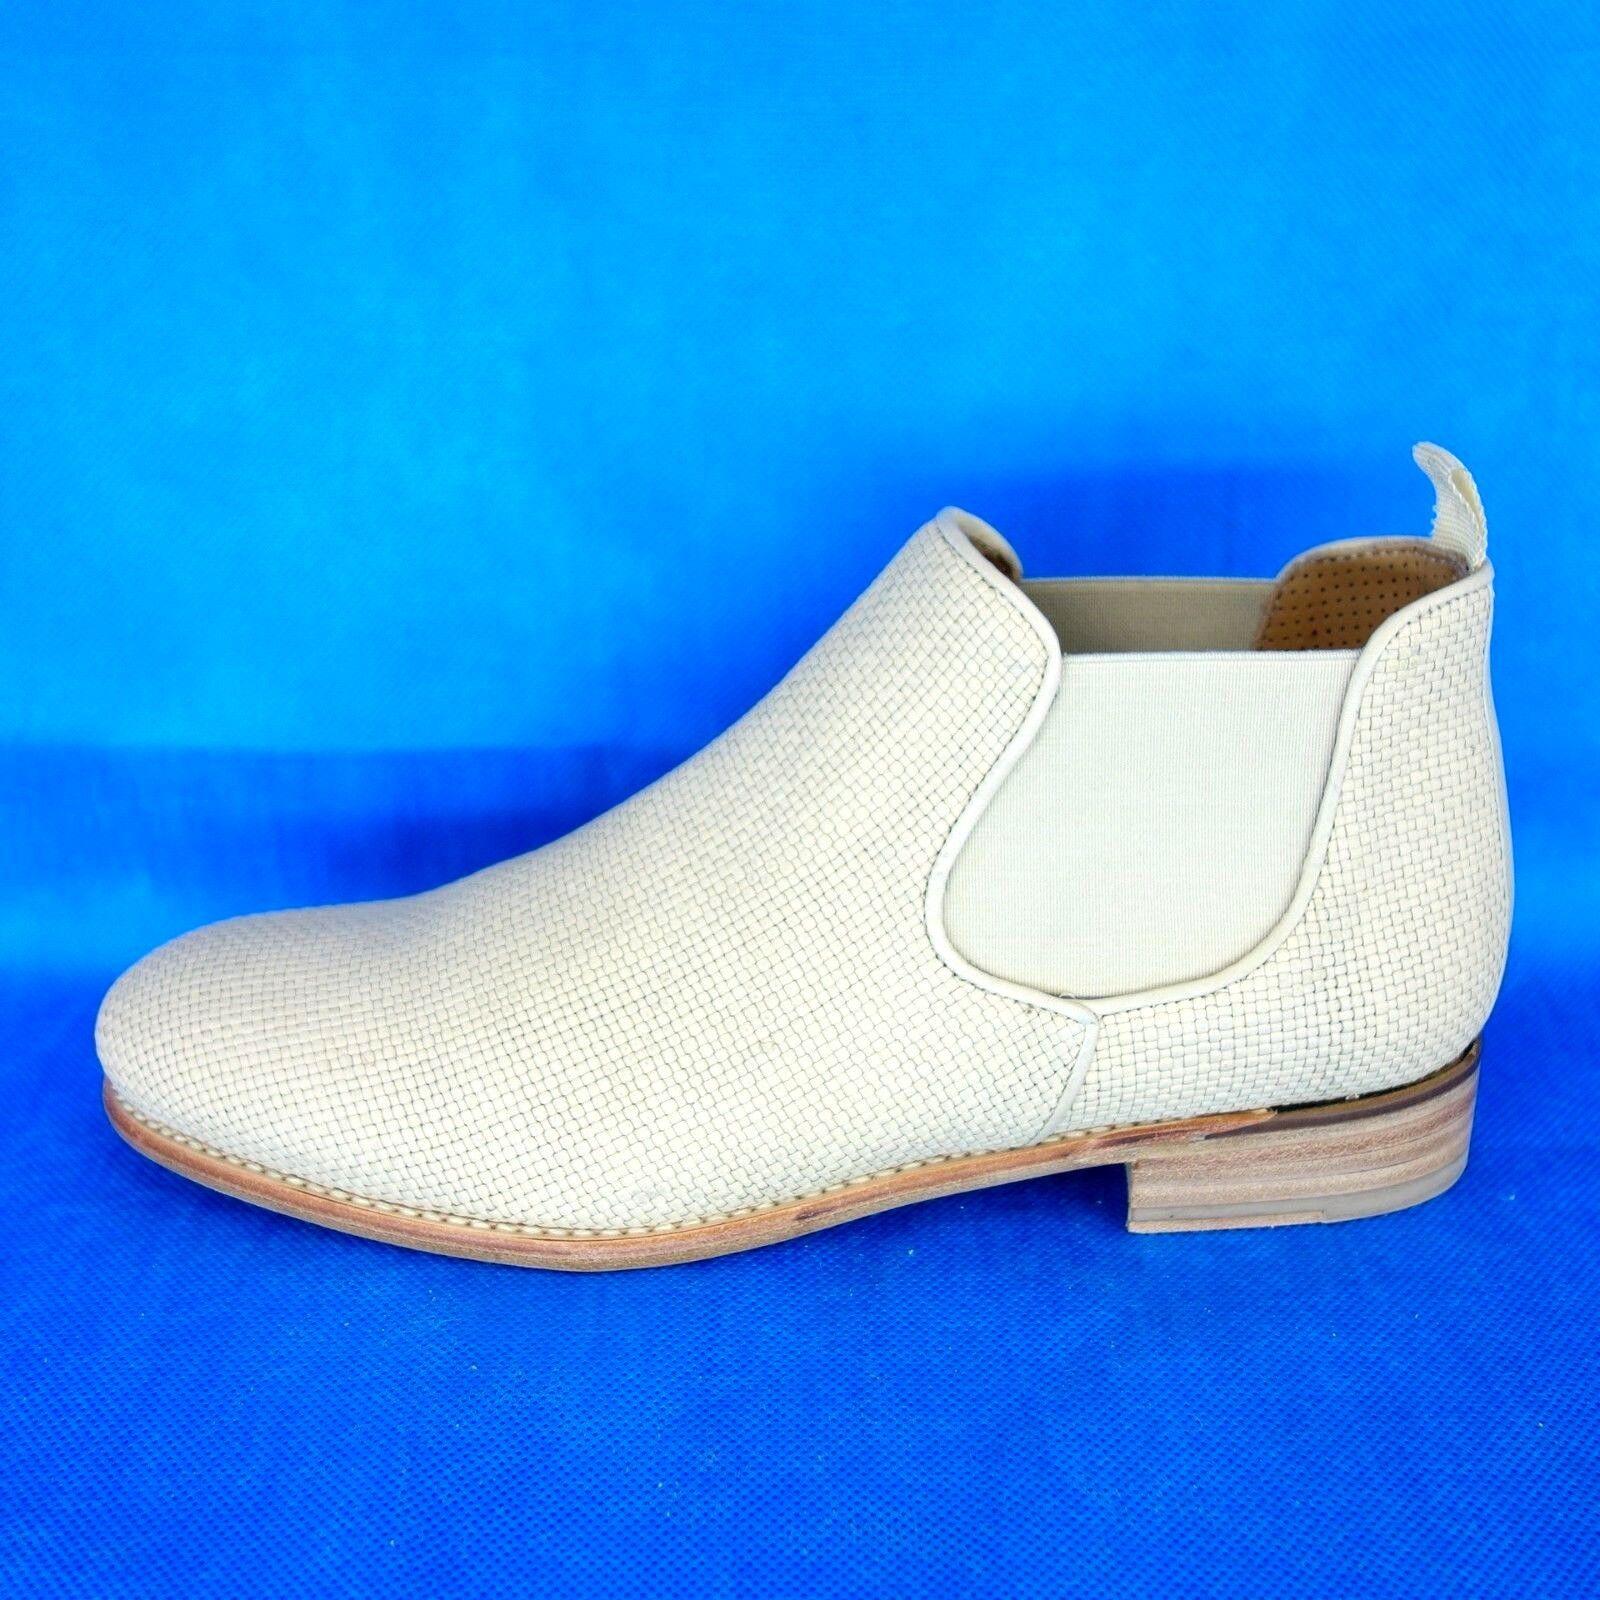 CORDWAINER Damen Stiefeletten Stiefel Beige Leder Geflochten Schuhe NP 279 NEU